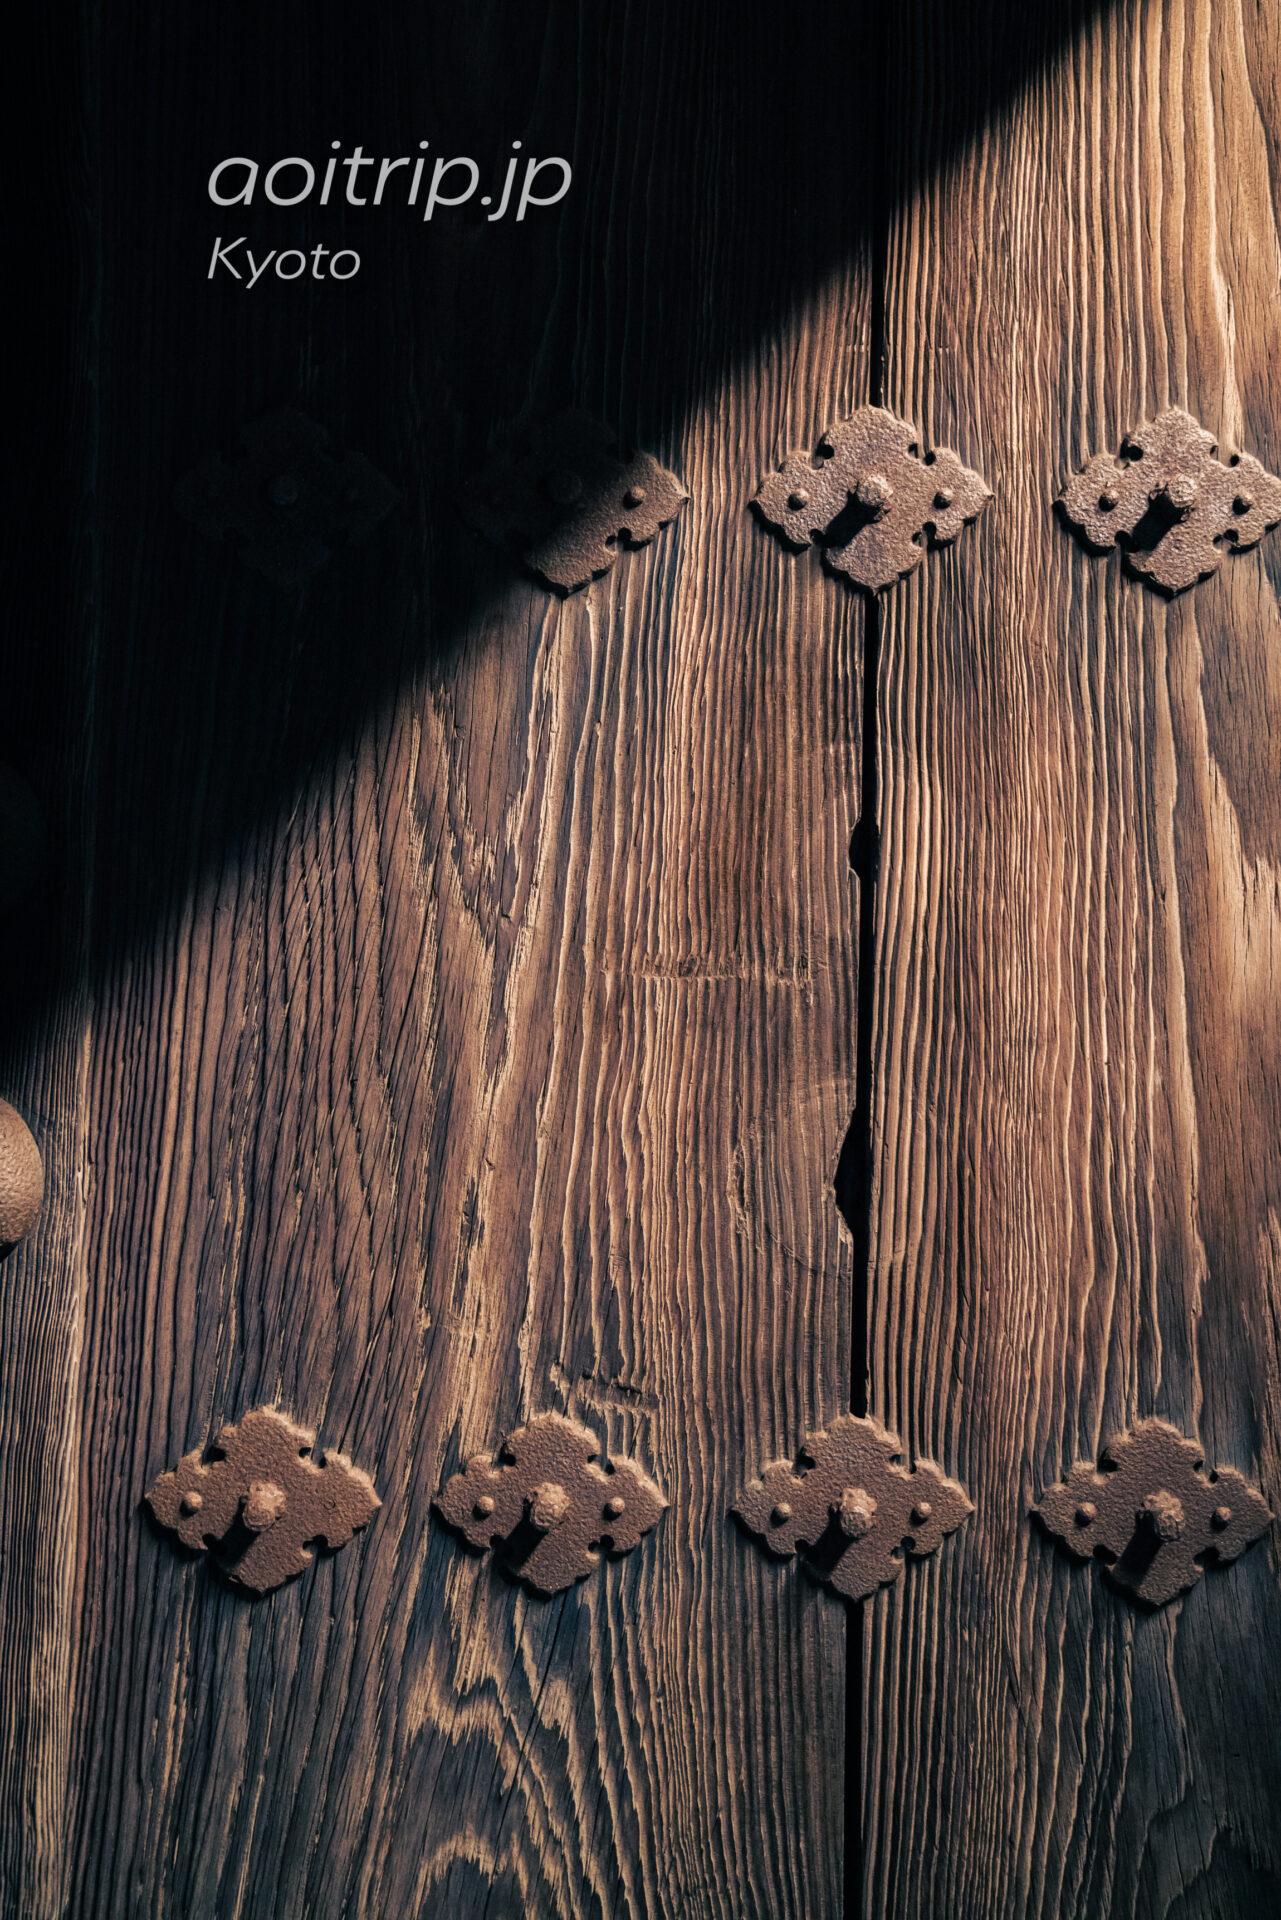 翠嵐 ラグジュアリーコレクションホテル 京都 宿泊記|Suiran, a Luxury Collection Hotel, Kyoto 表玄関